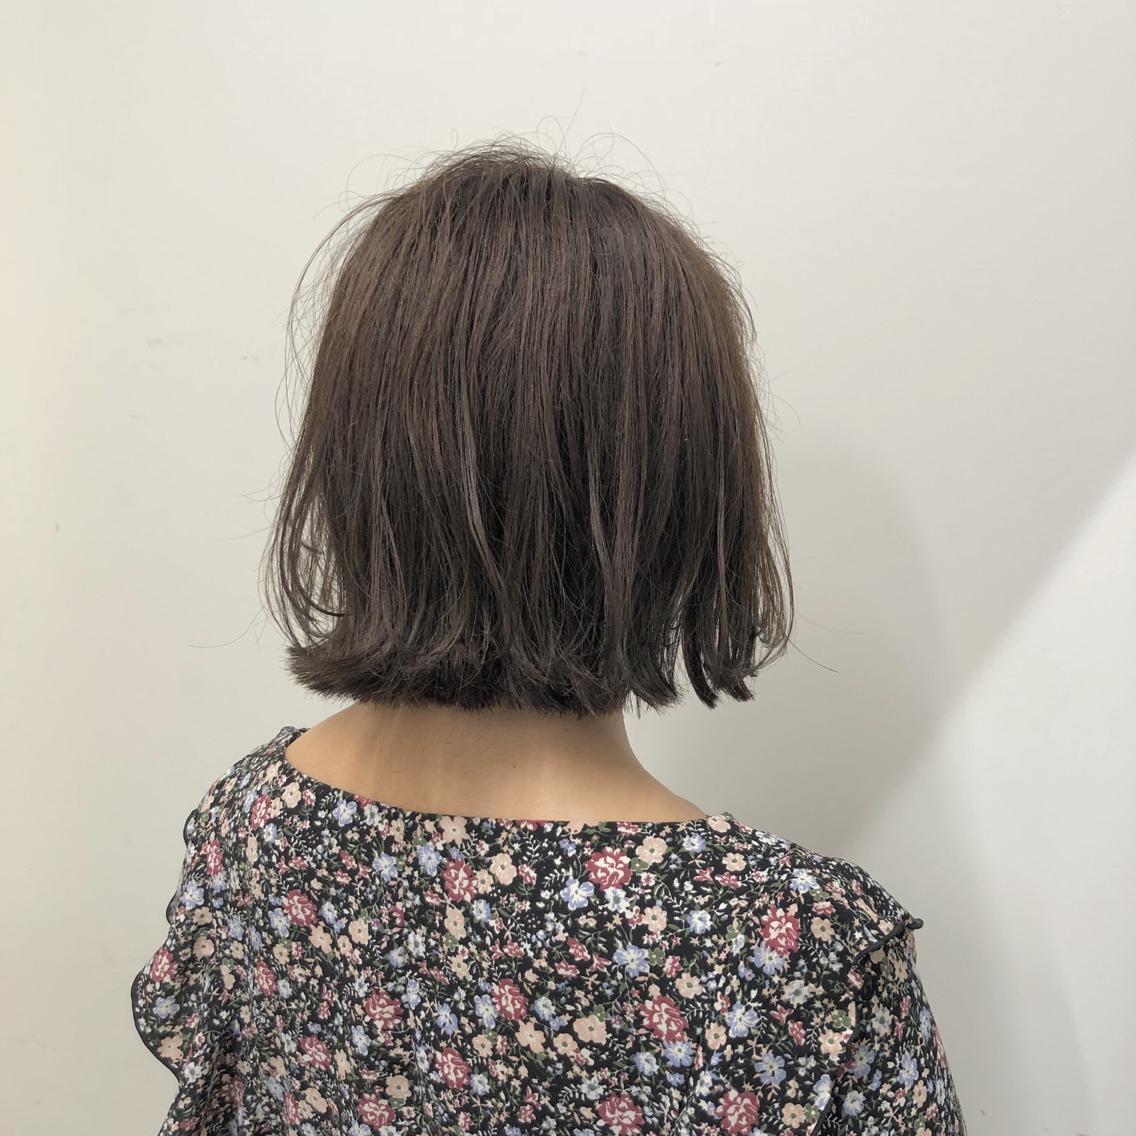 #ショート #カラー #パーマ #ヘアアレンジ 【切りっぱなしボブ×グレージュ】  Instagramにもヘアスタイル載せてますので是非♪♪ ⬇︎⬇︎ yuuki_matsui_